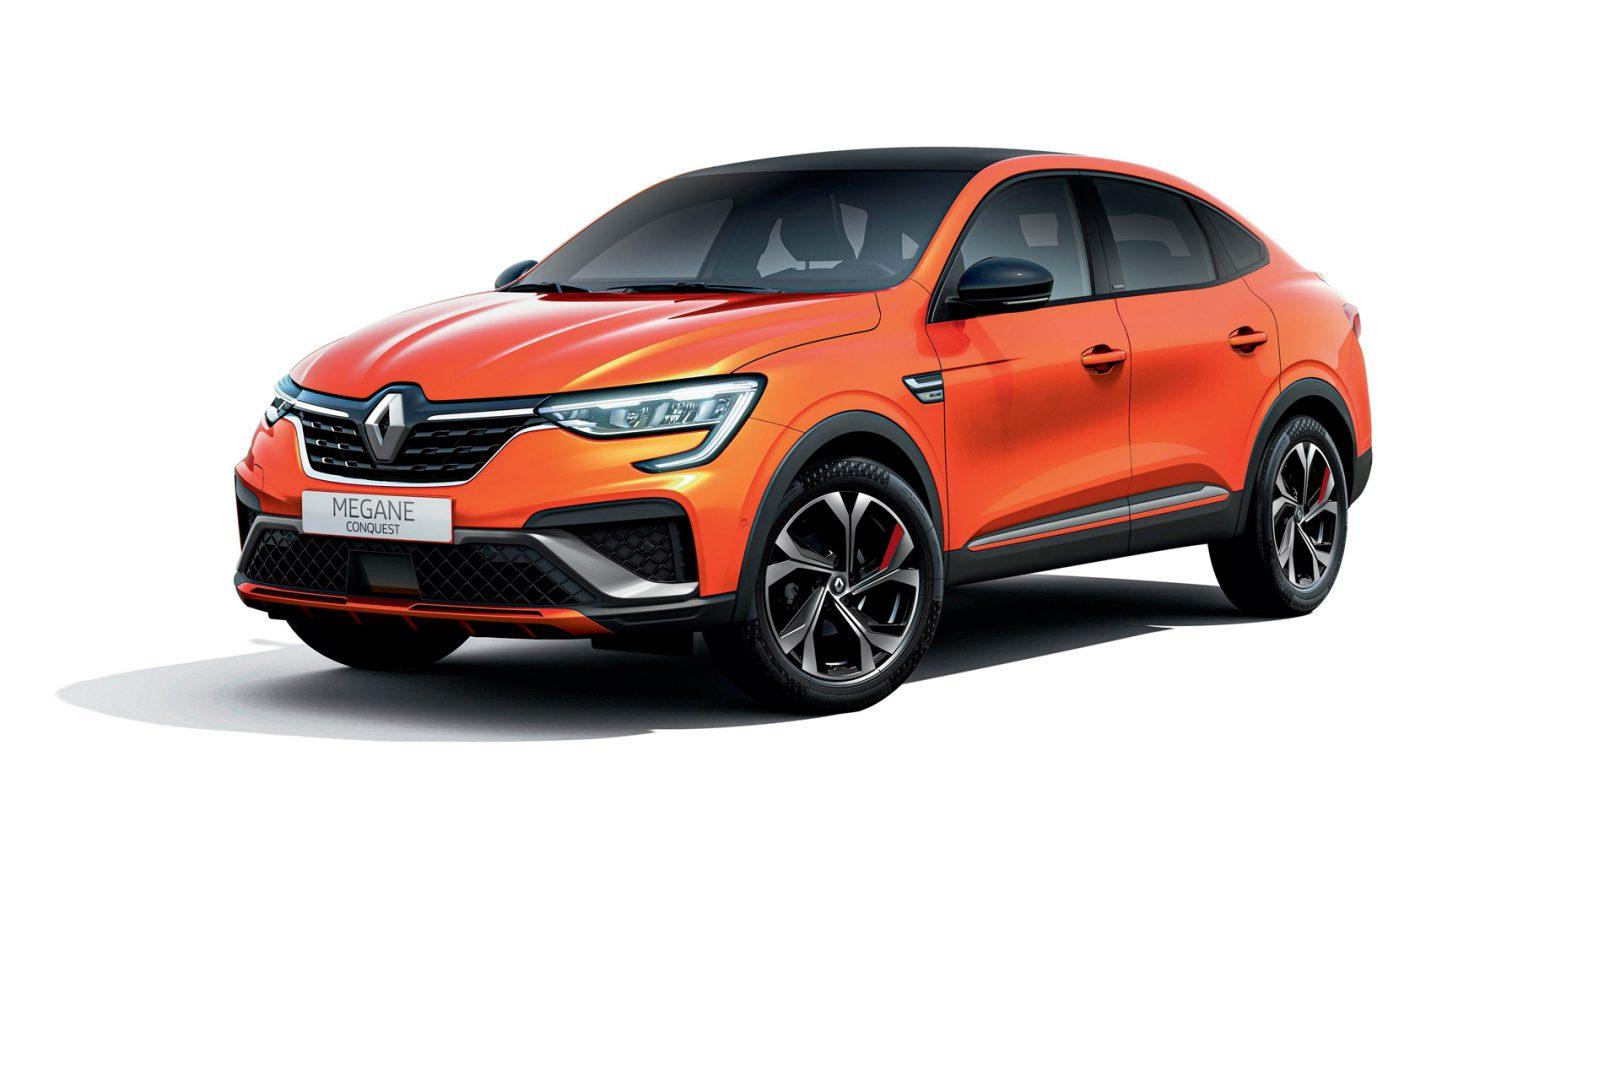 Hibridni coupe SUV iz Renaulta: Megane Conquest